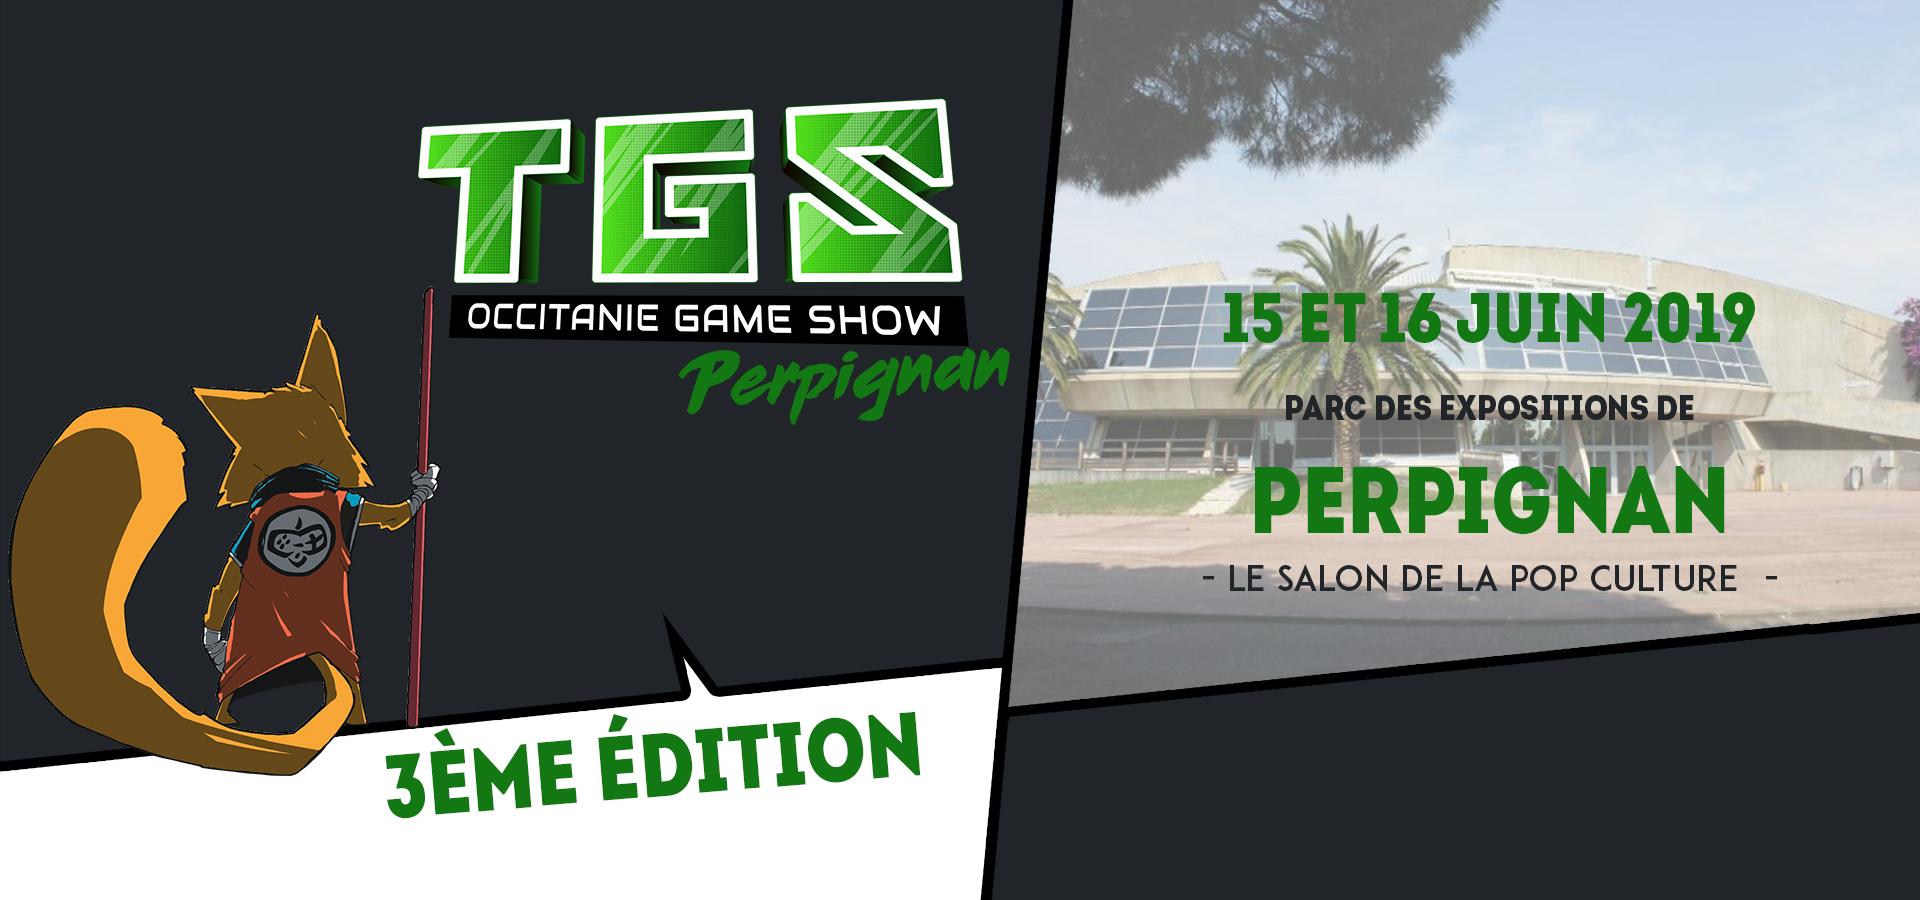 https://tgs-perpignan.fr/Date TGS Perpignan